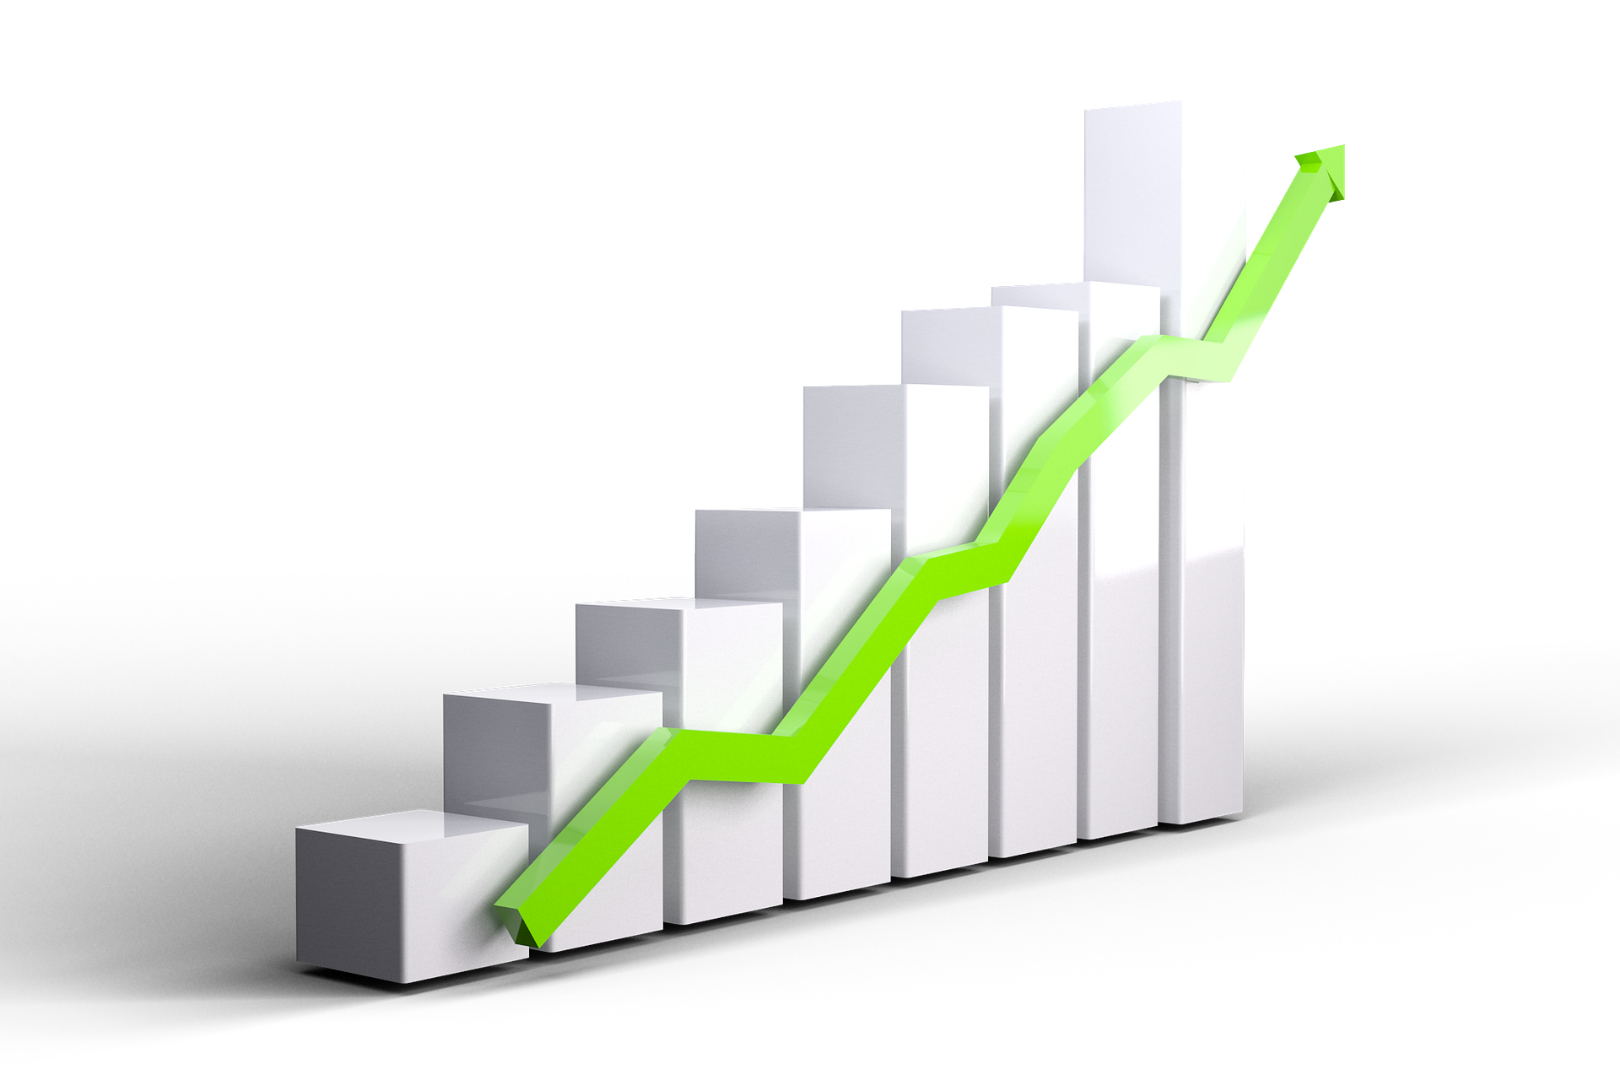 consórcio cresce 3,7% em 2015